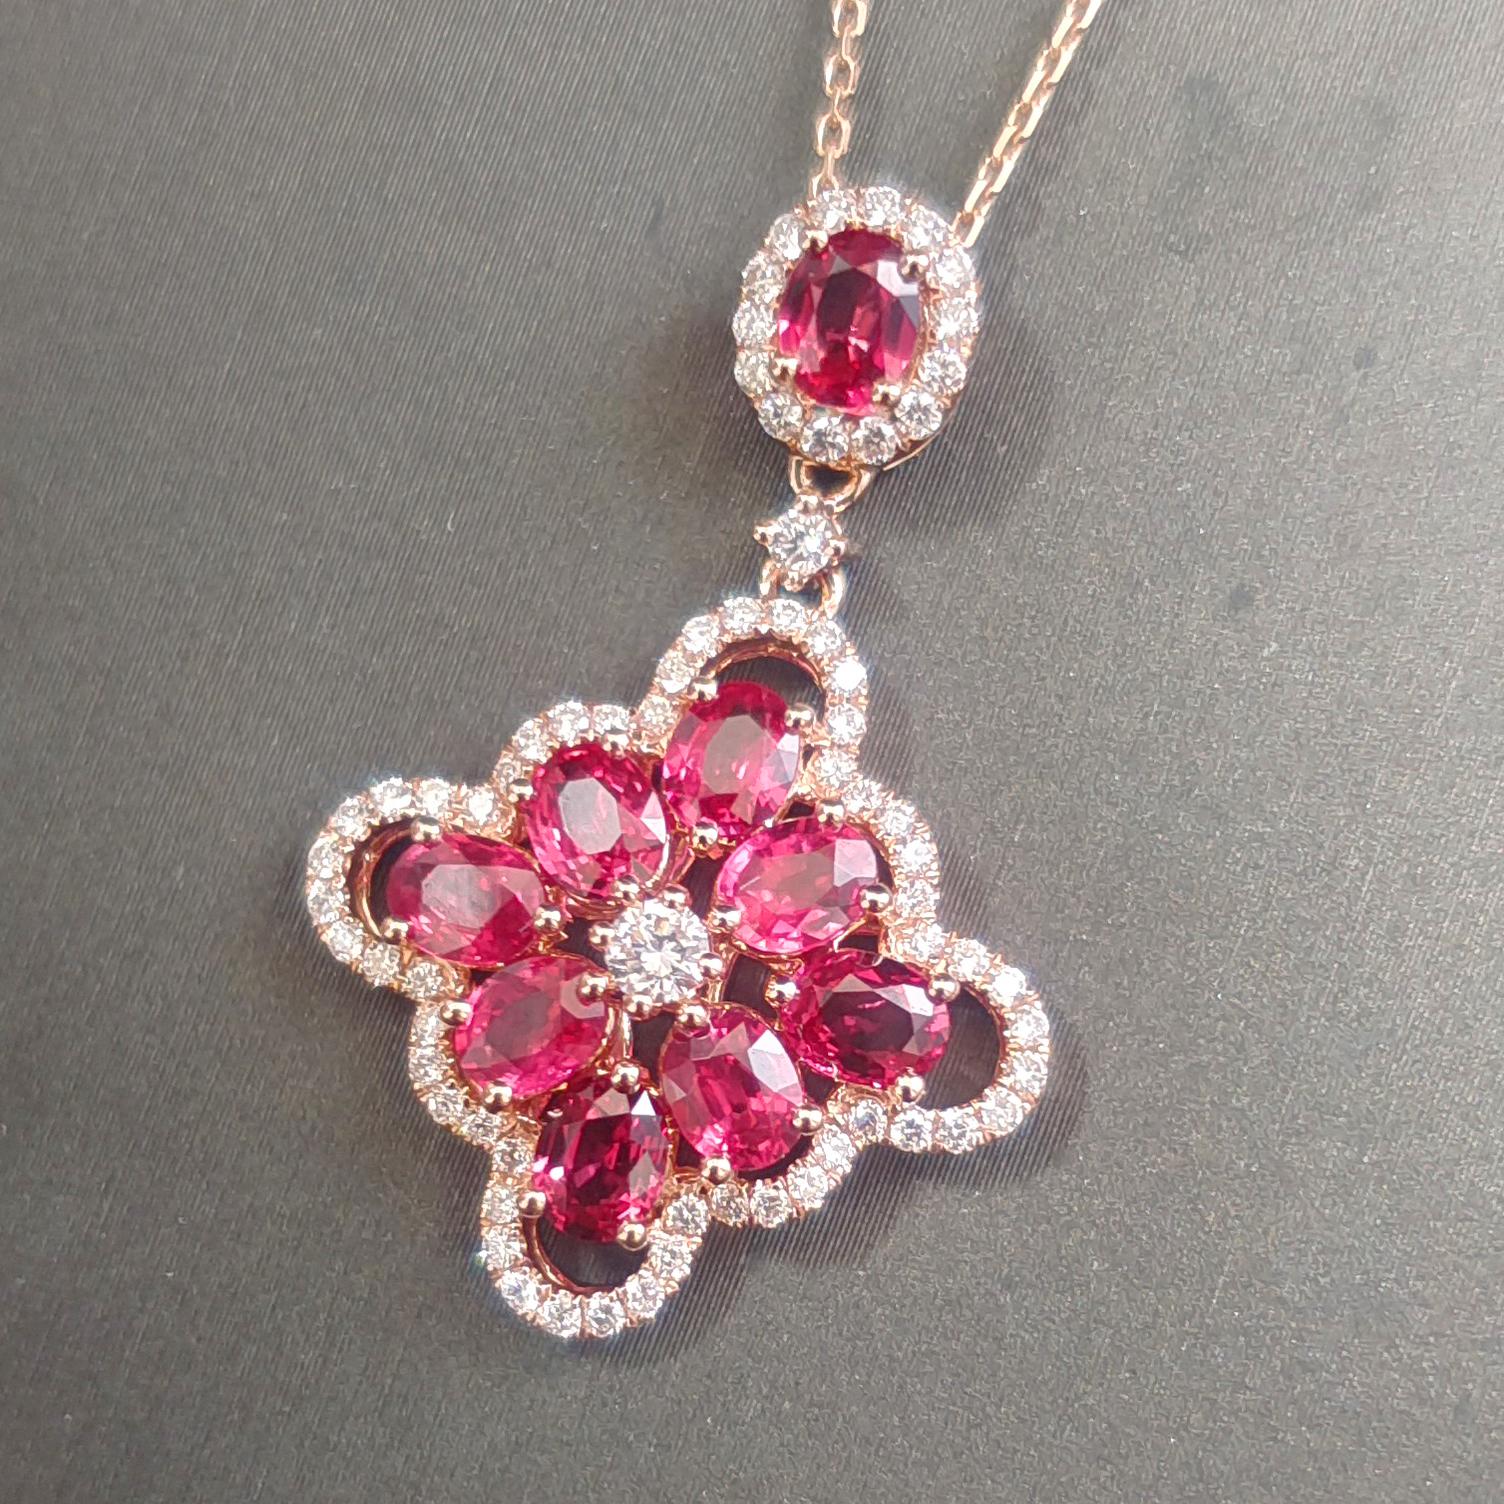 【【吊坠】18K金+红宝石+钻石 宝石颜色纯正 主石:2.52ct/9P 货重:4.61g】图2